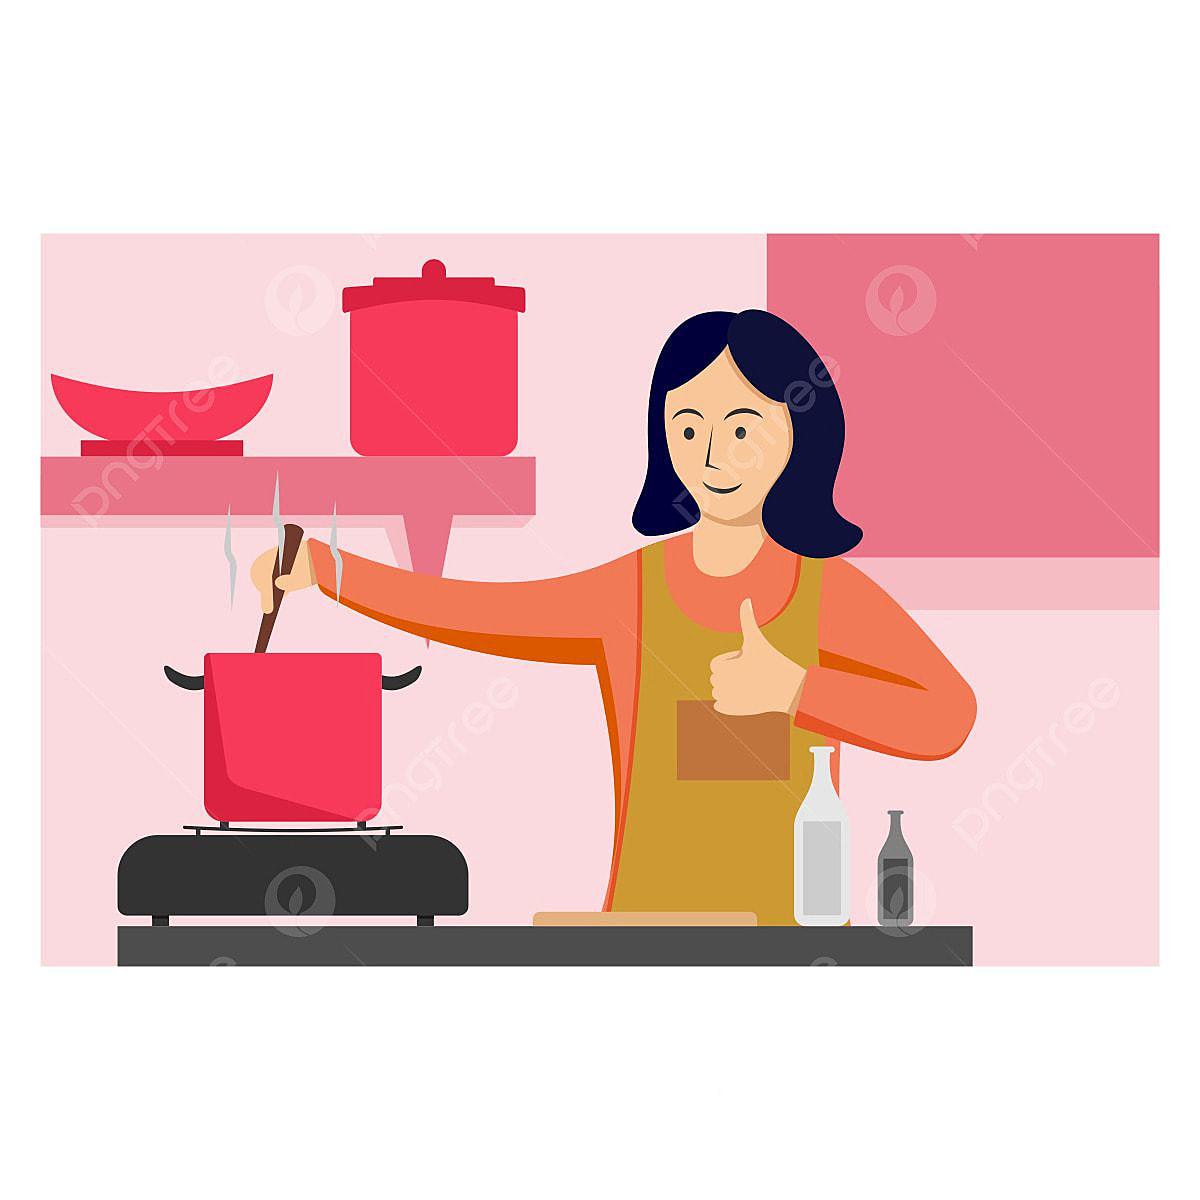 Gambar Ibu Memasak Di Dapur Reka Bentuk Ilustrasi Ilustrasi Png Dan Vektor Untuk Muat Turun Percuma